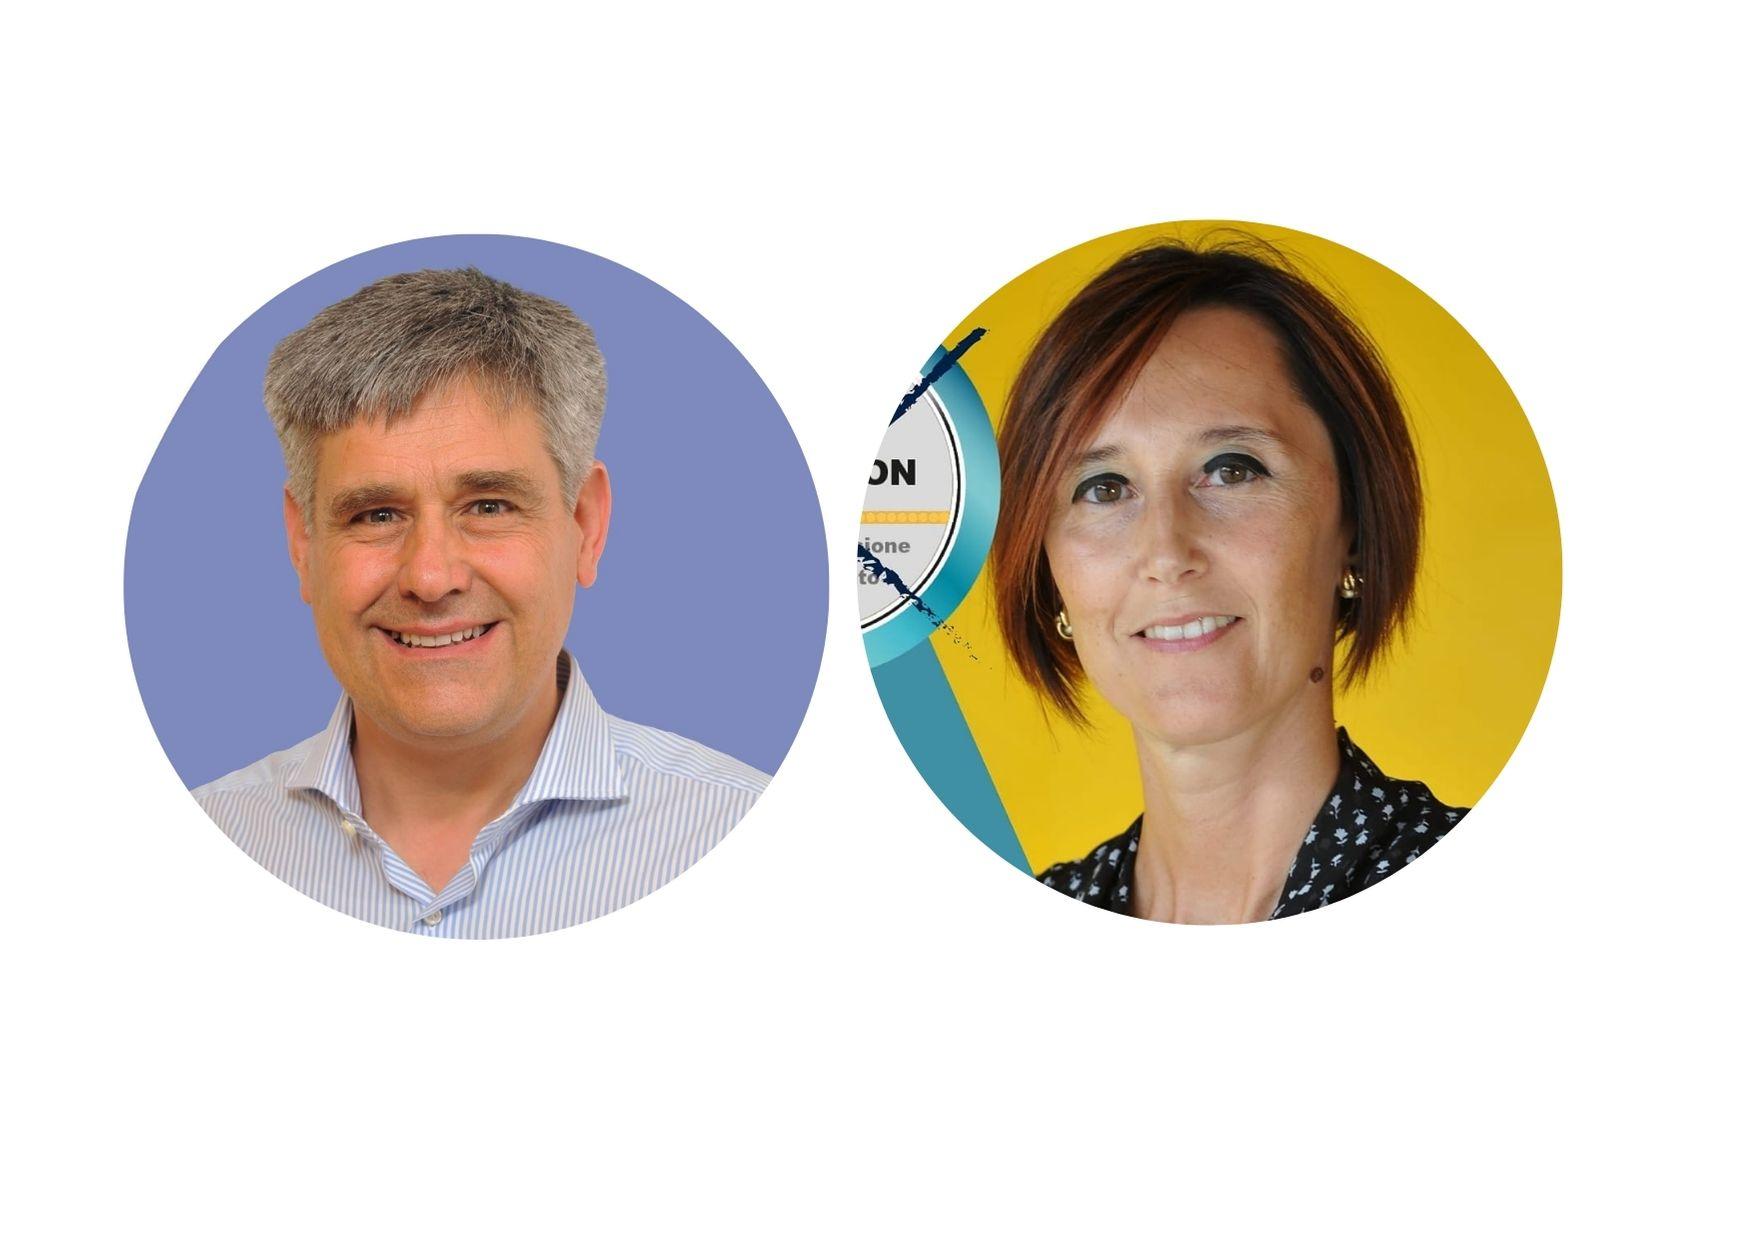 Camillo Dujany e Monique Personnettaz - Candidati Sindaci a Châtillon